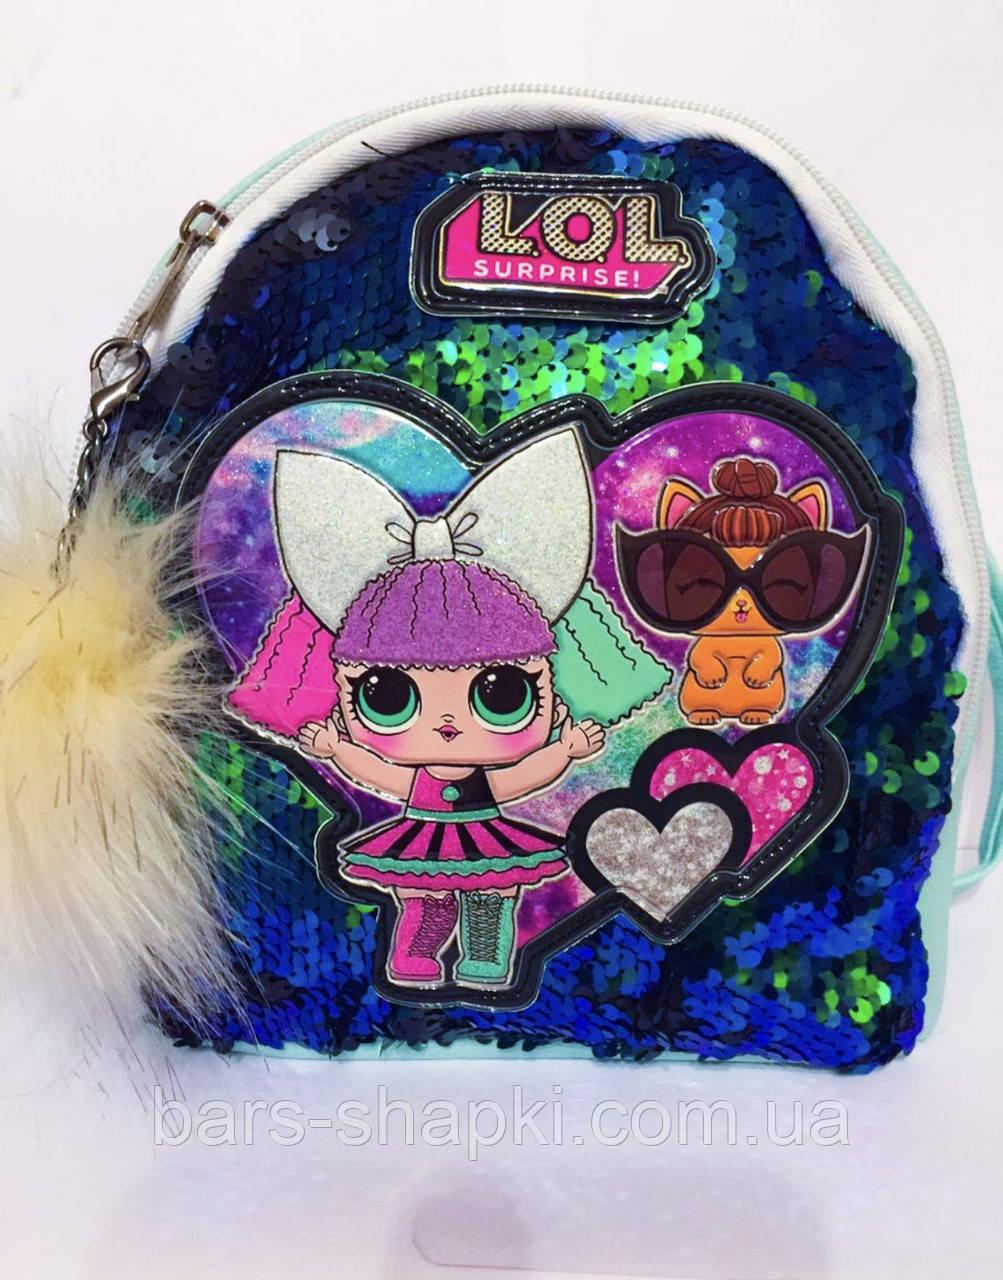 Новинка. Детский рюкзачок с Лол, LOL и паетками перевертышами.